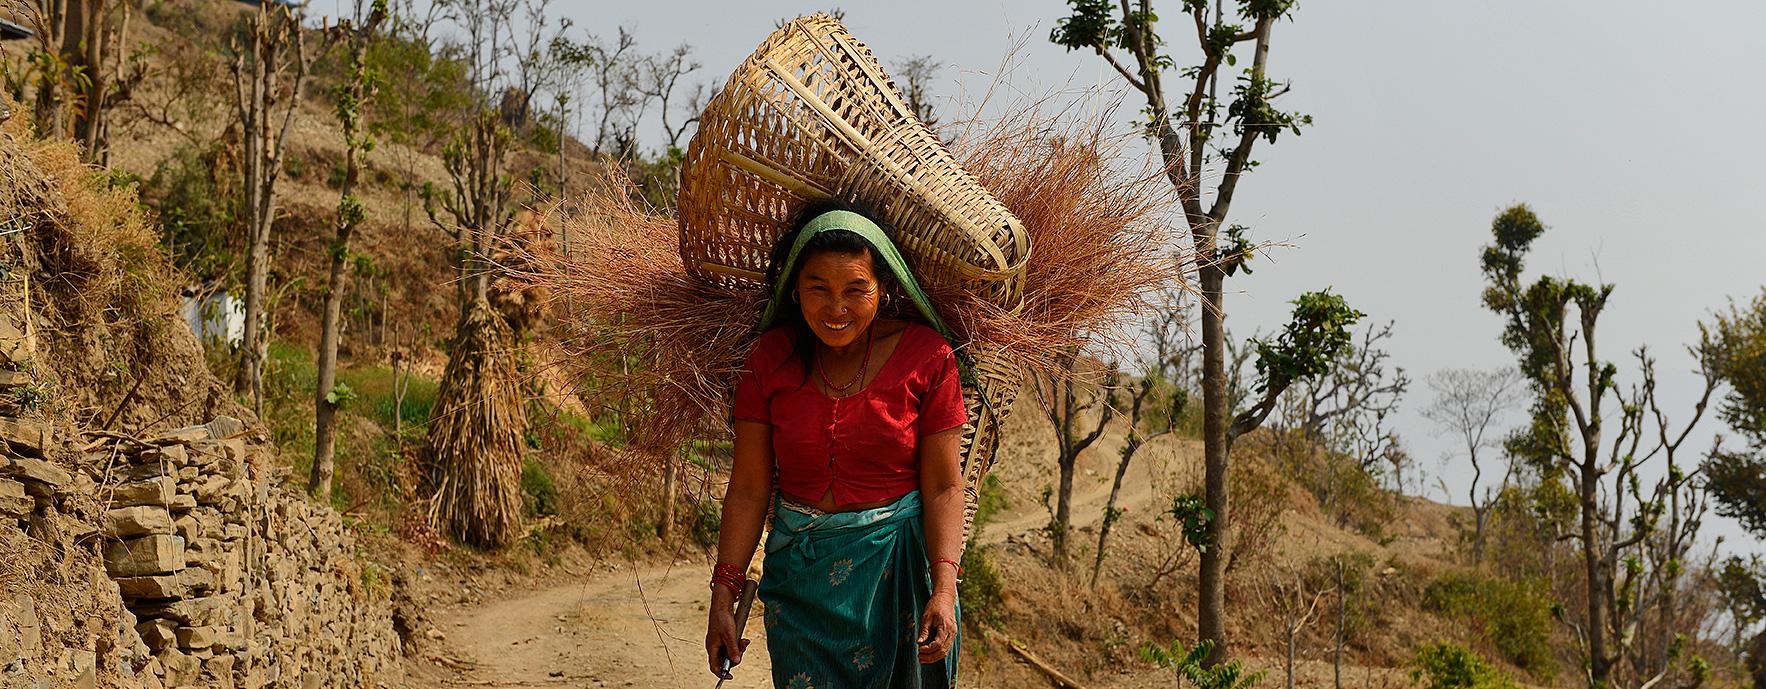 Népal - Montagnes au féminin